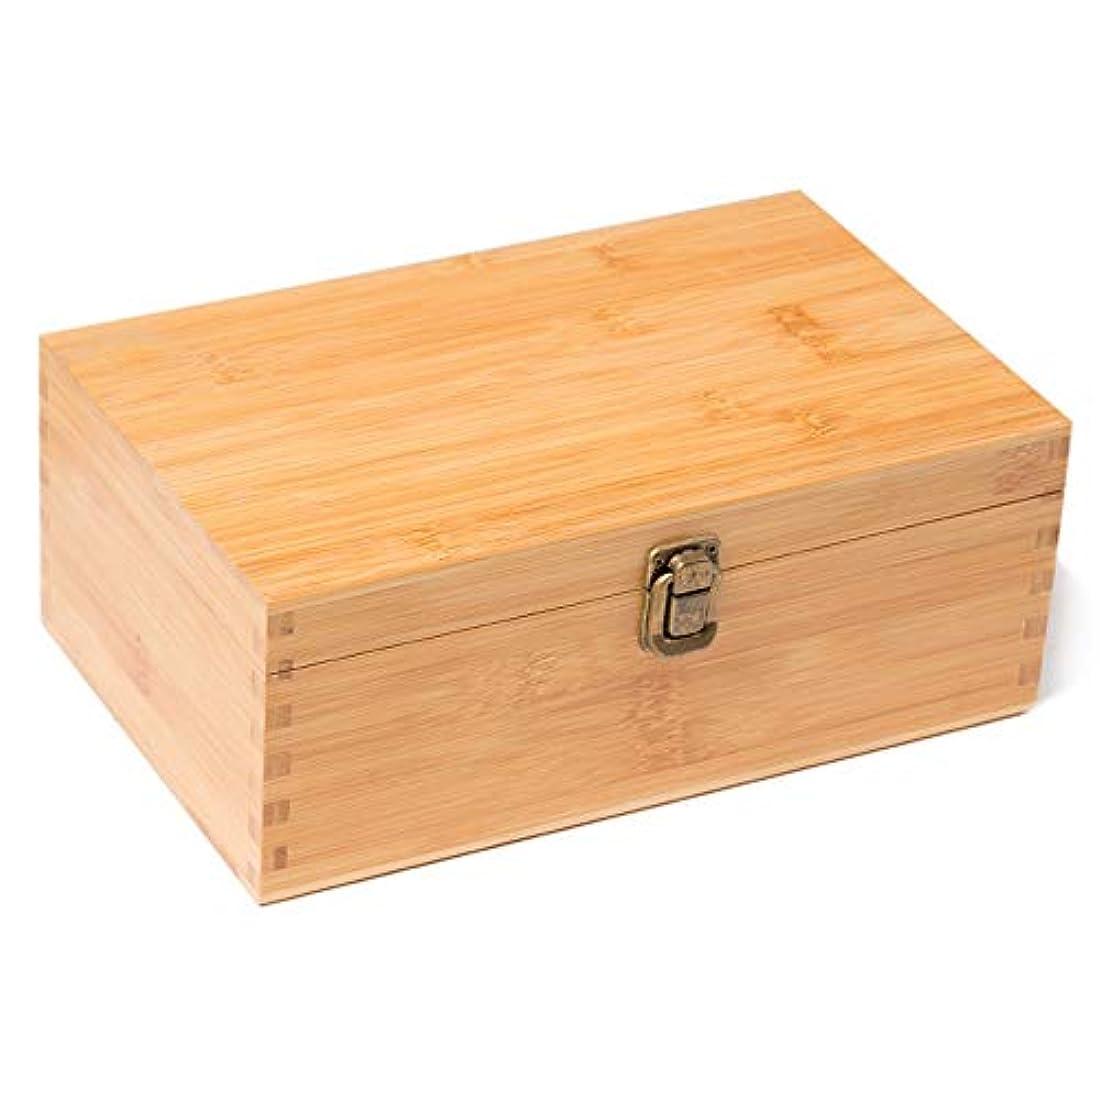 孤児ボート急襲エッセンシャルオイルストレージボックス 手作りの木製エッセンシャルオイルストレージボックスオーガナイザーは、油のボトルを保持します 旅行およびプレゼンテーション用 (色 : Natural, サイズ : 26.5X16.5X10.5CM)